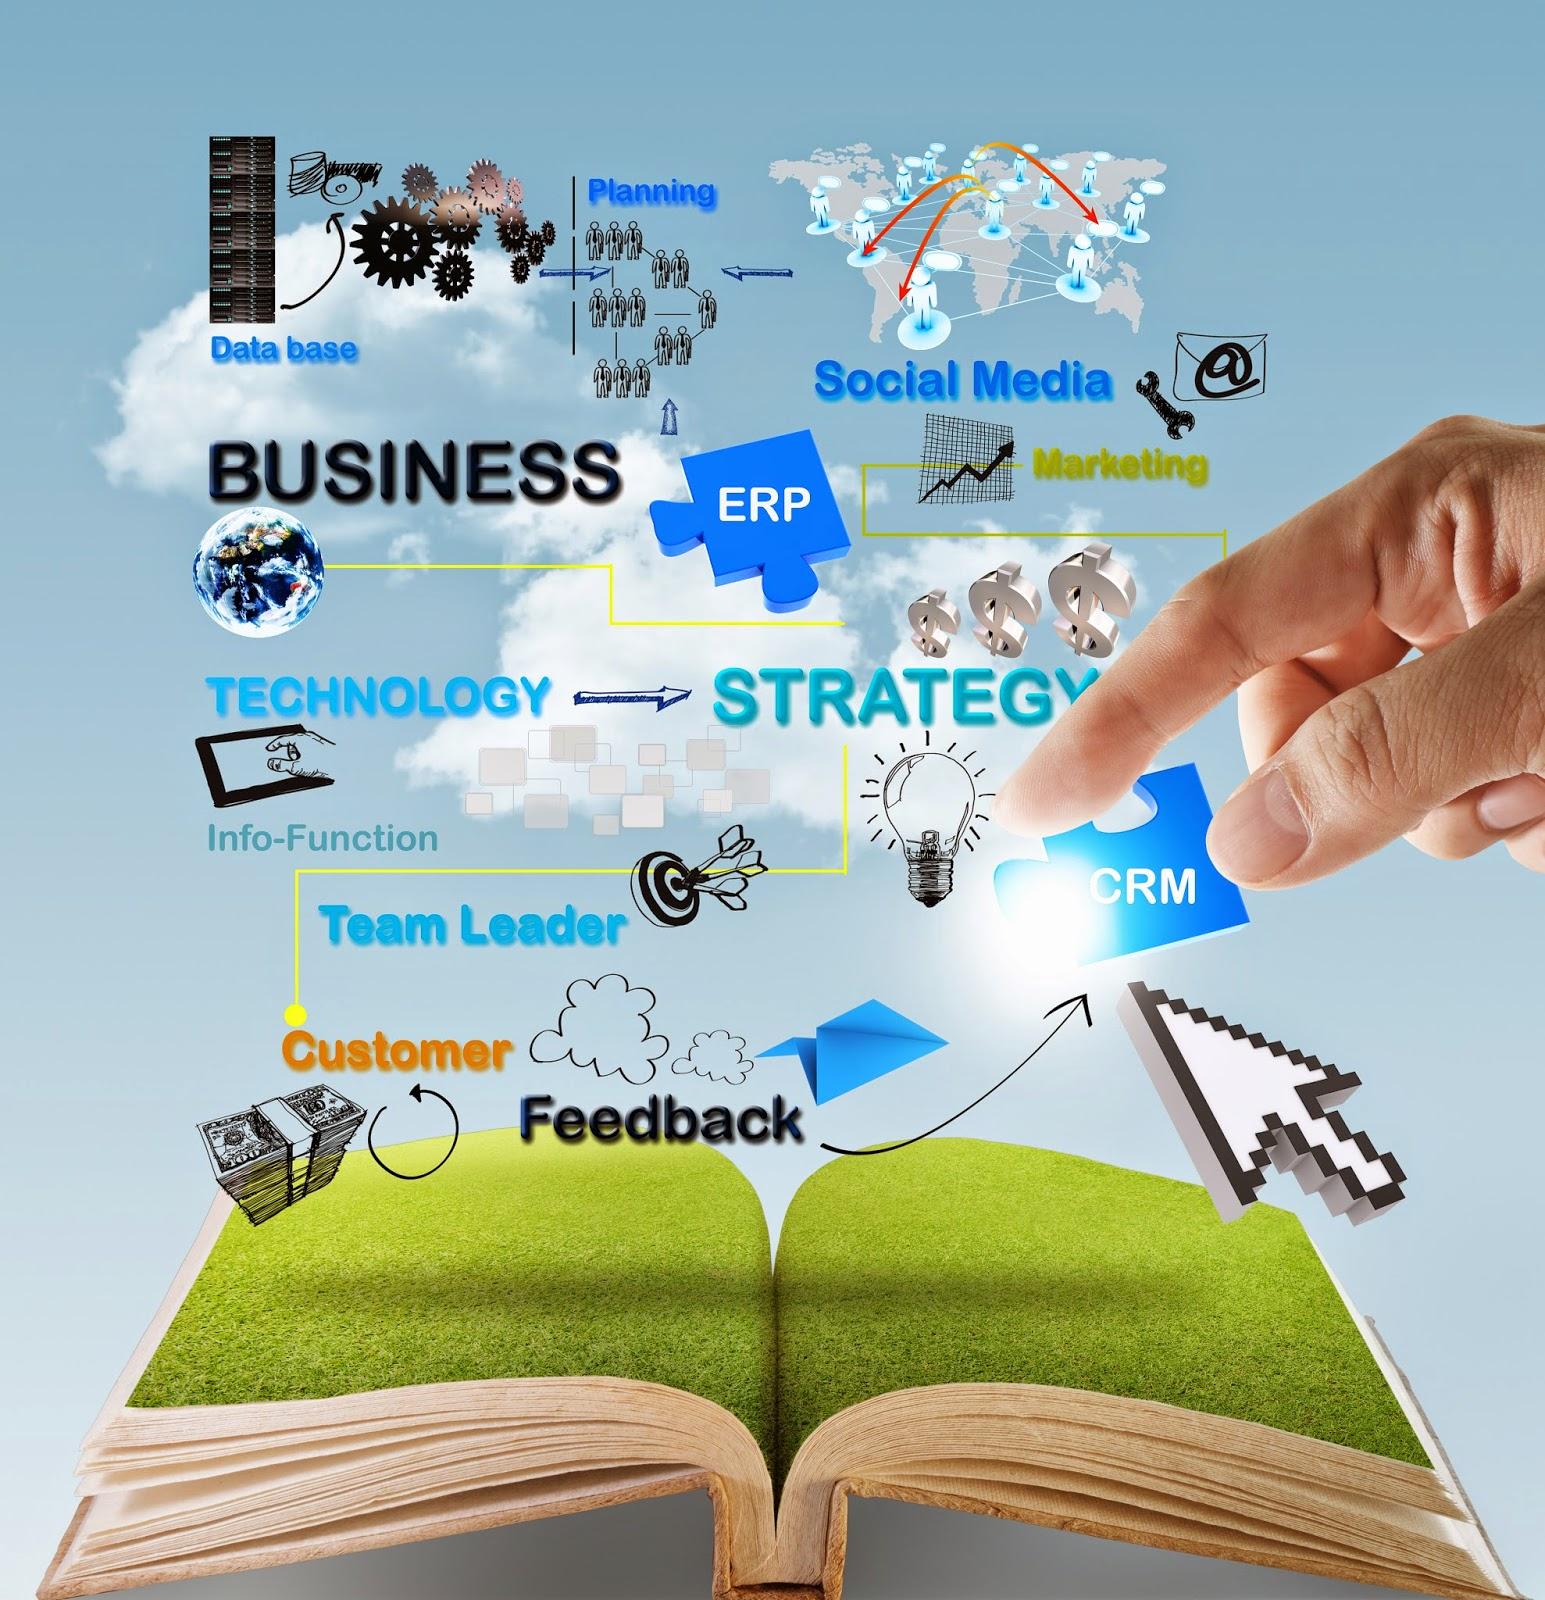 http://www.thesocialmediaadvisor.com/Content_Management.html